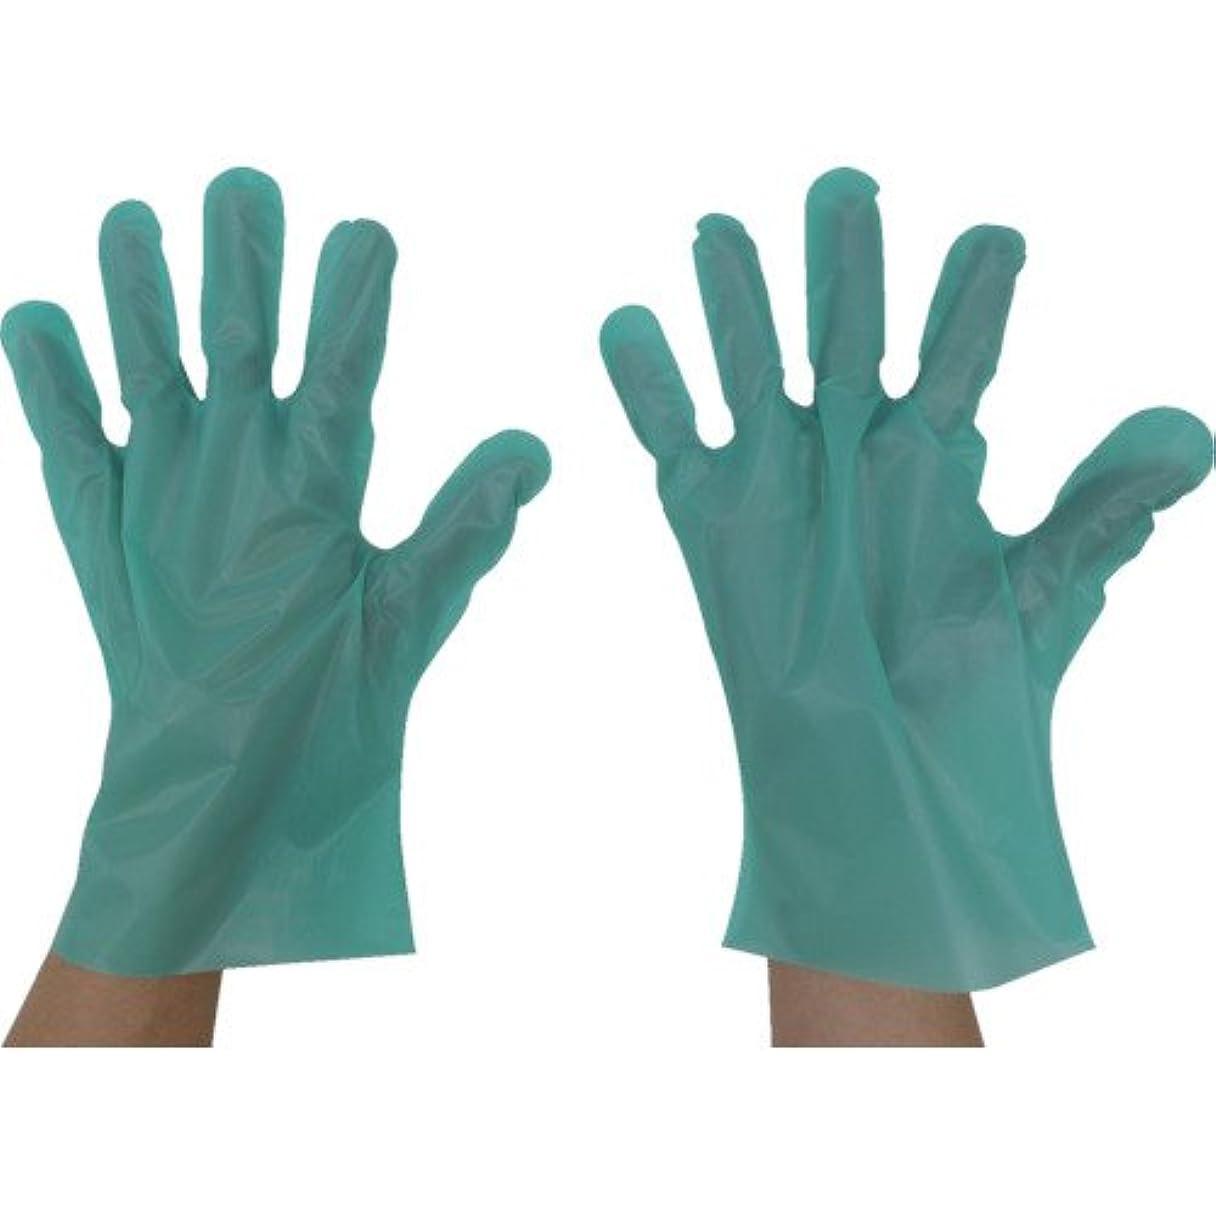 彼ら覚えている補助金東京パック エンボス手袋五本絞りエコノミー化粧箱S グリーン GEK-S